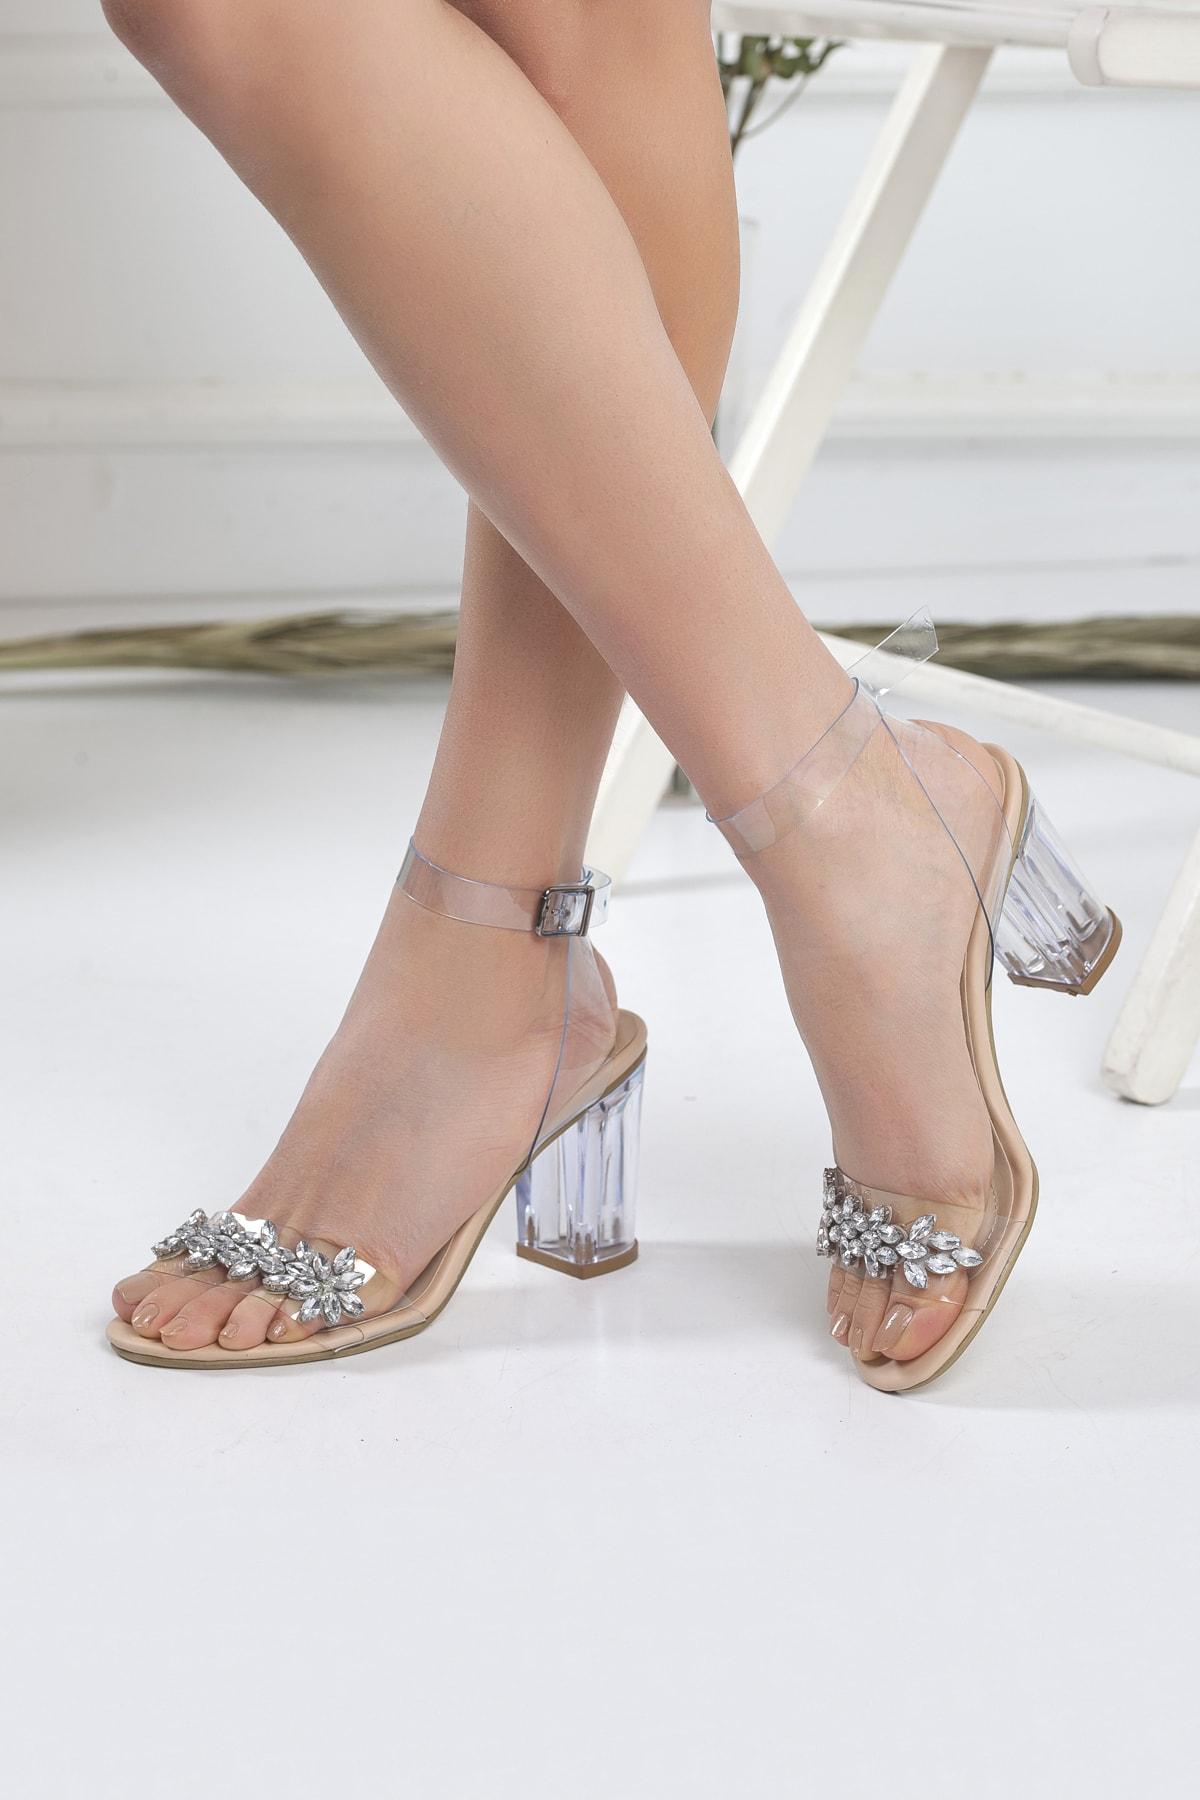 Kadın Şeffaf Taşlı Stiletto Kalın Topuklu Ayakkabı Nude